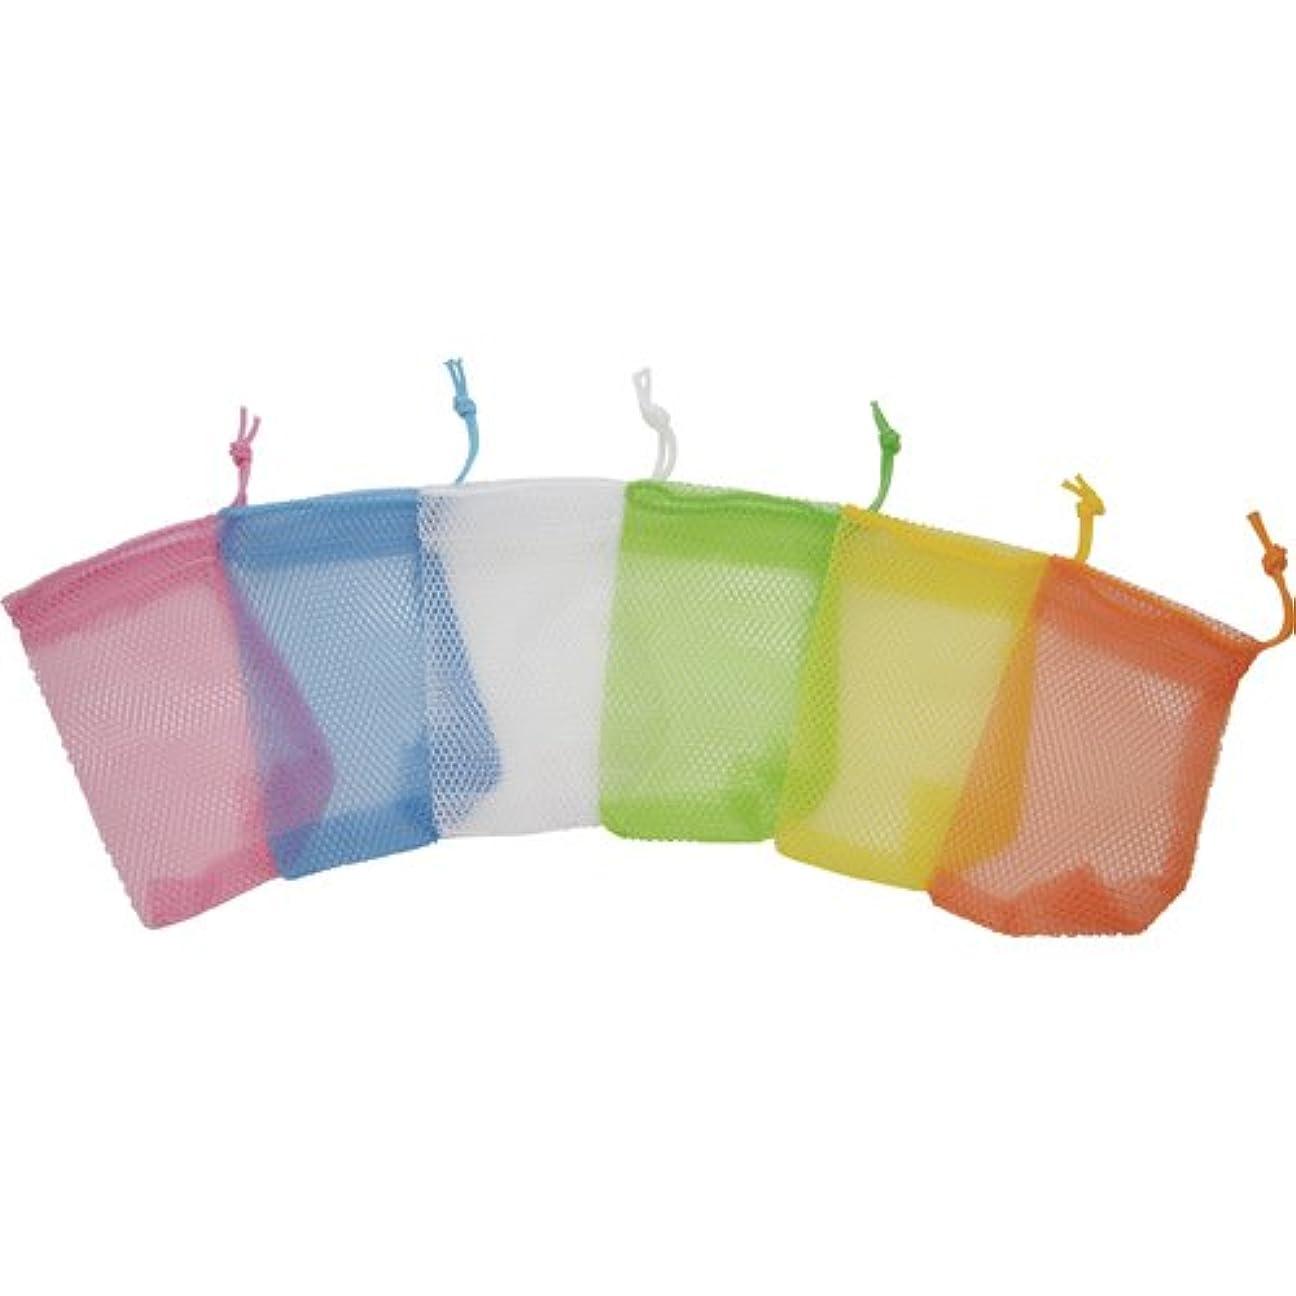 教育学ランタン出費sanwa(サンワ) 石鹸ネット ひもタイプ 6色アソート 24枚組 101551